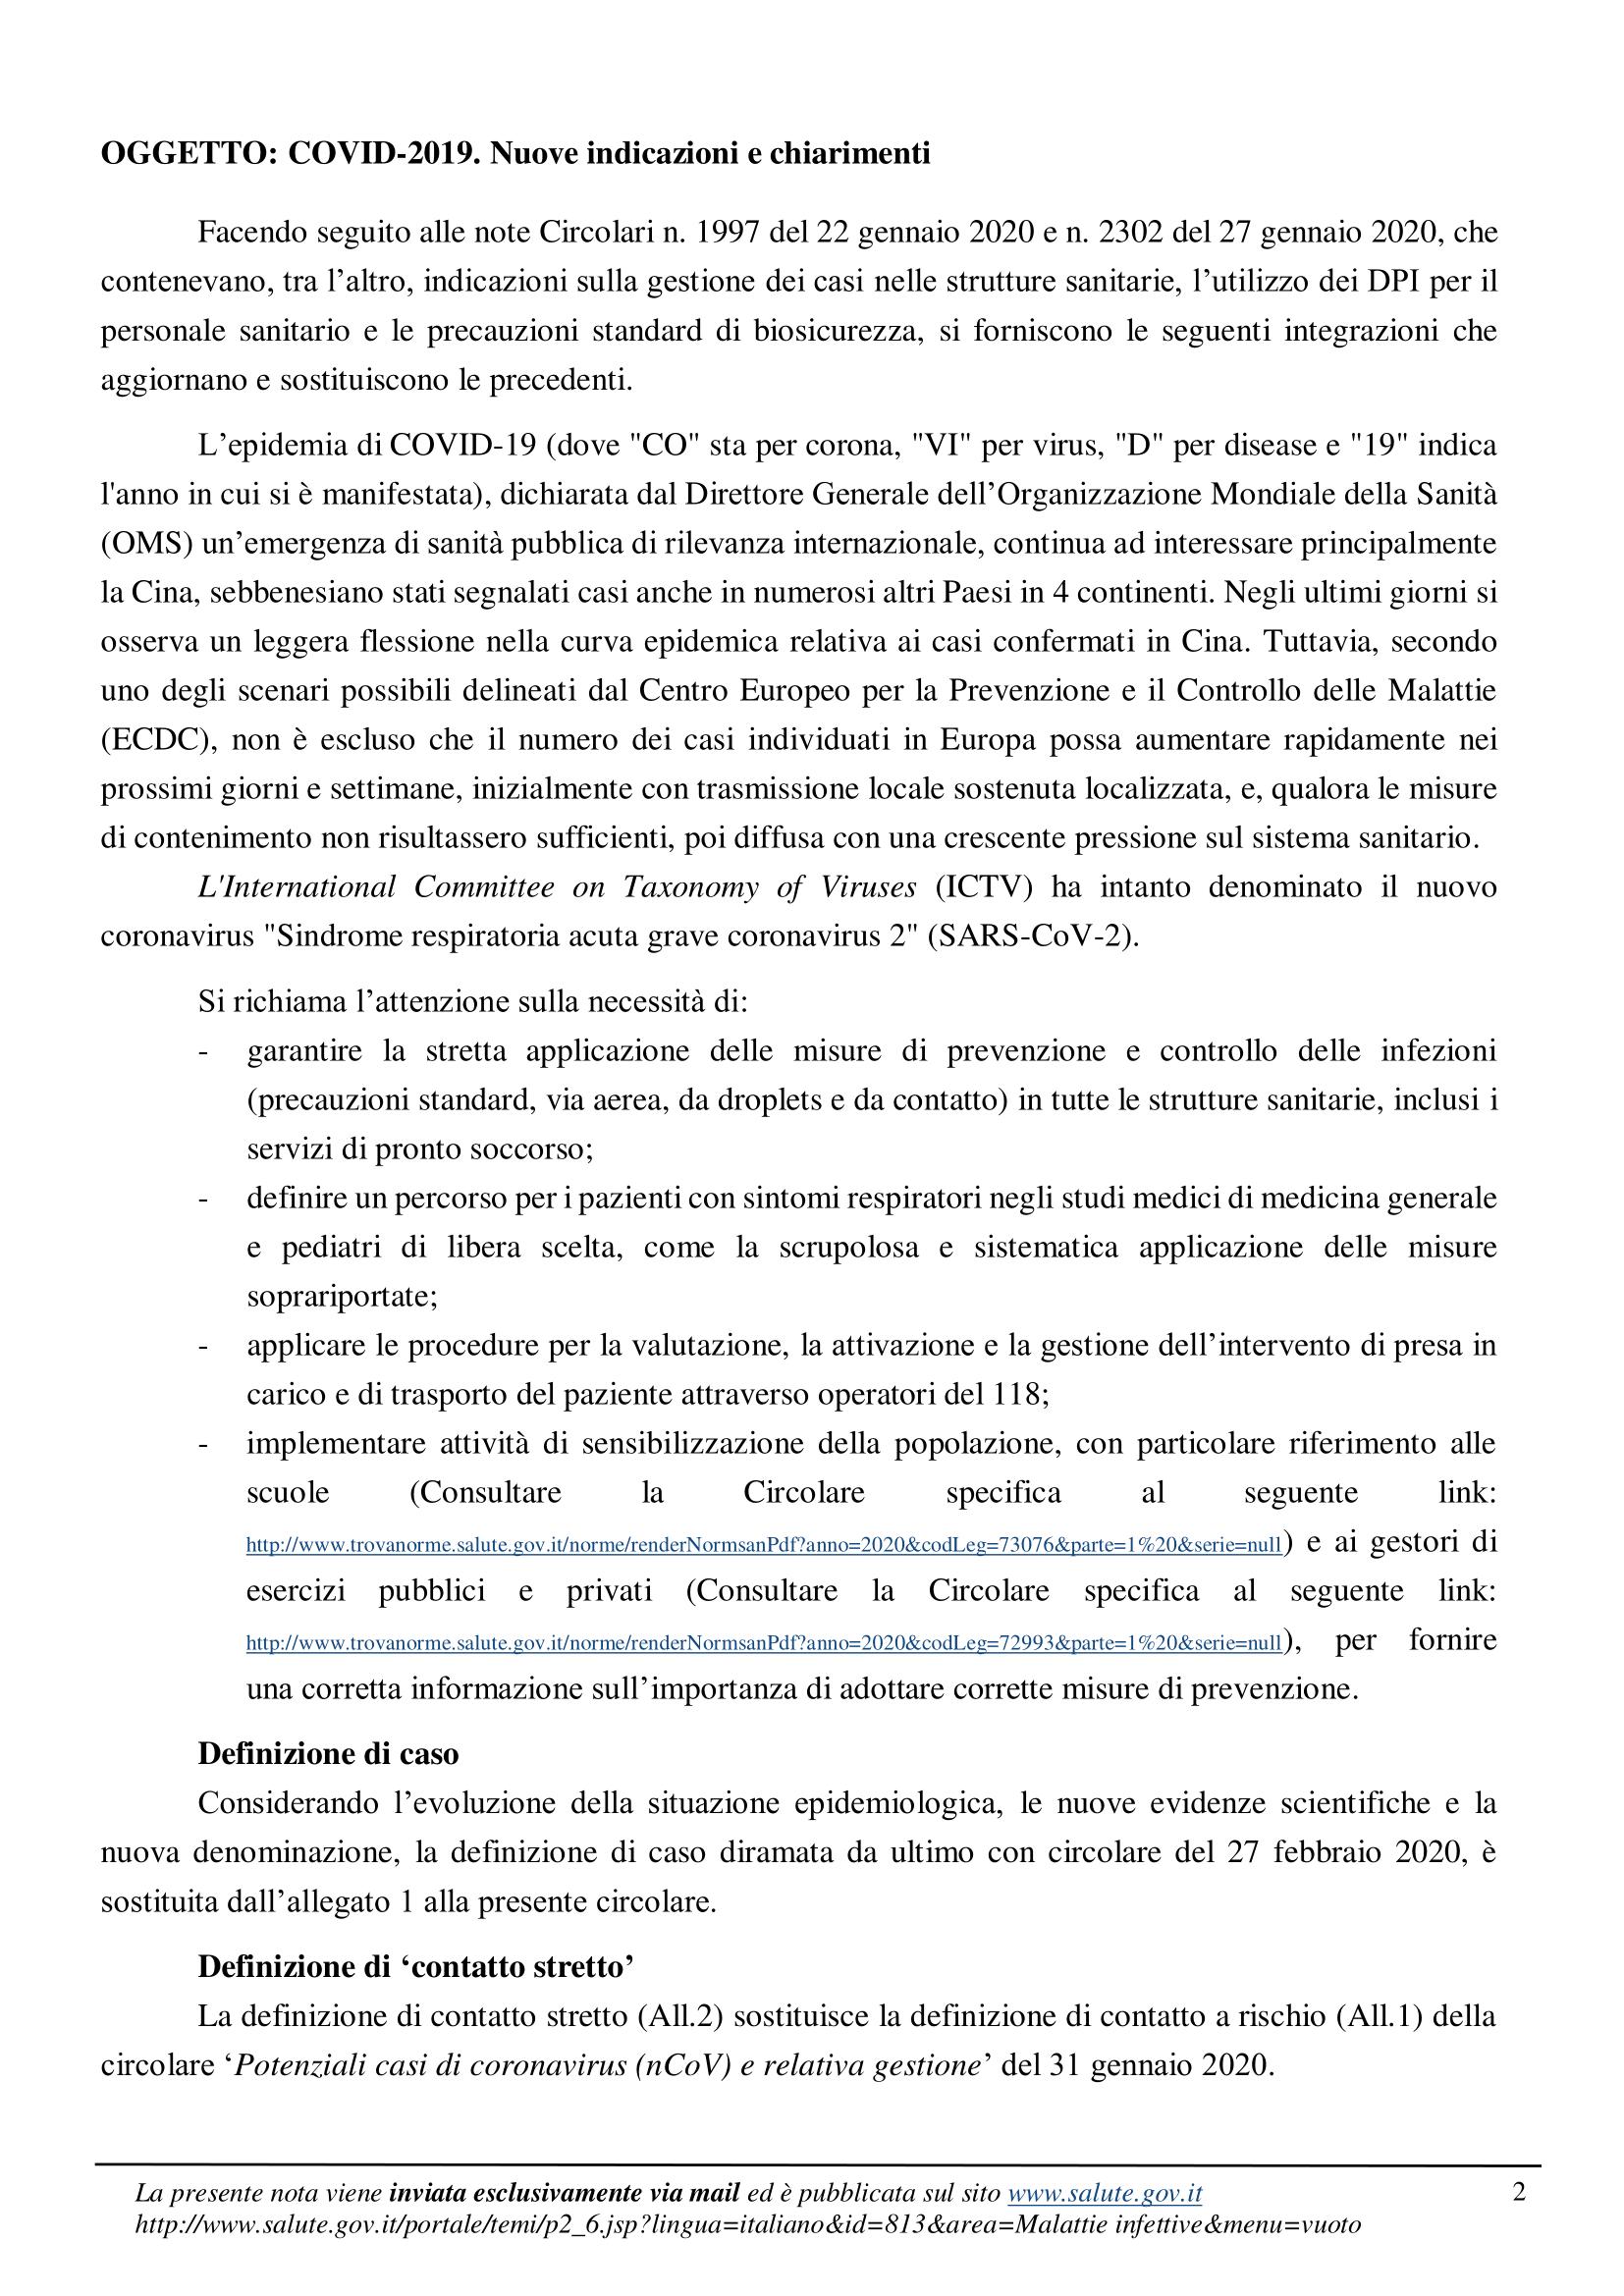 _Senza titolo.pdf-02